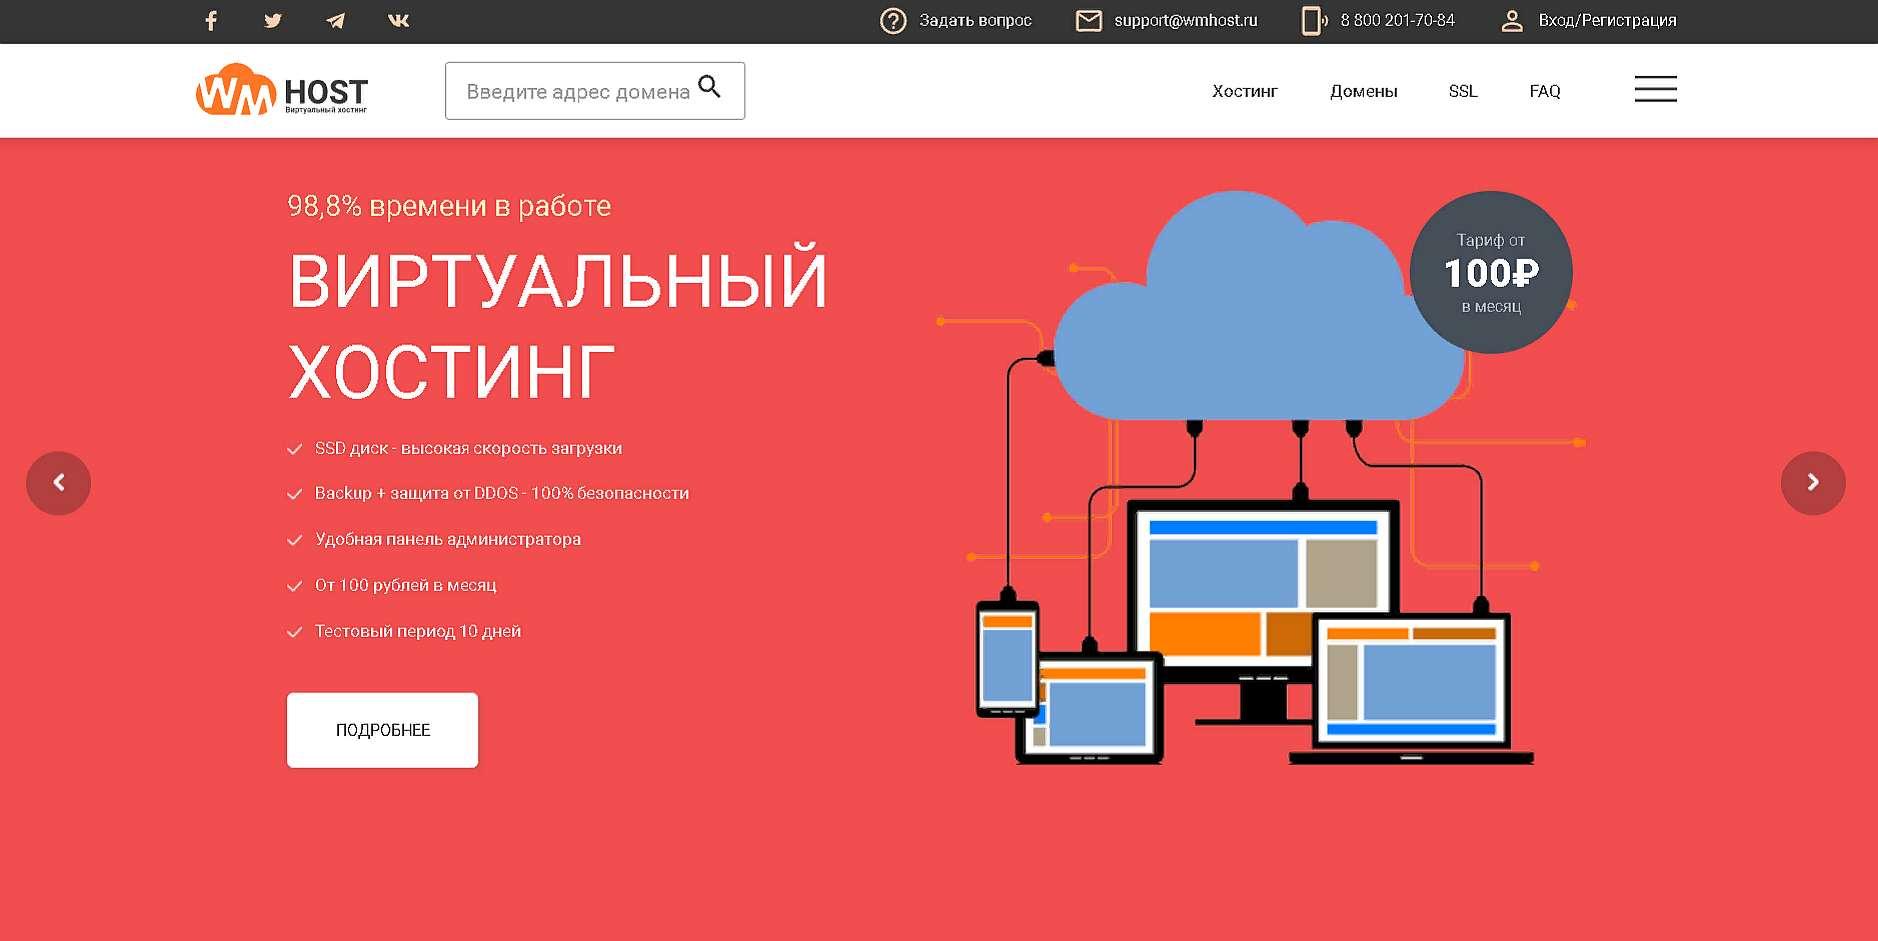 Выгодный виртуальный хостинг от провайдера ВМХОСТ